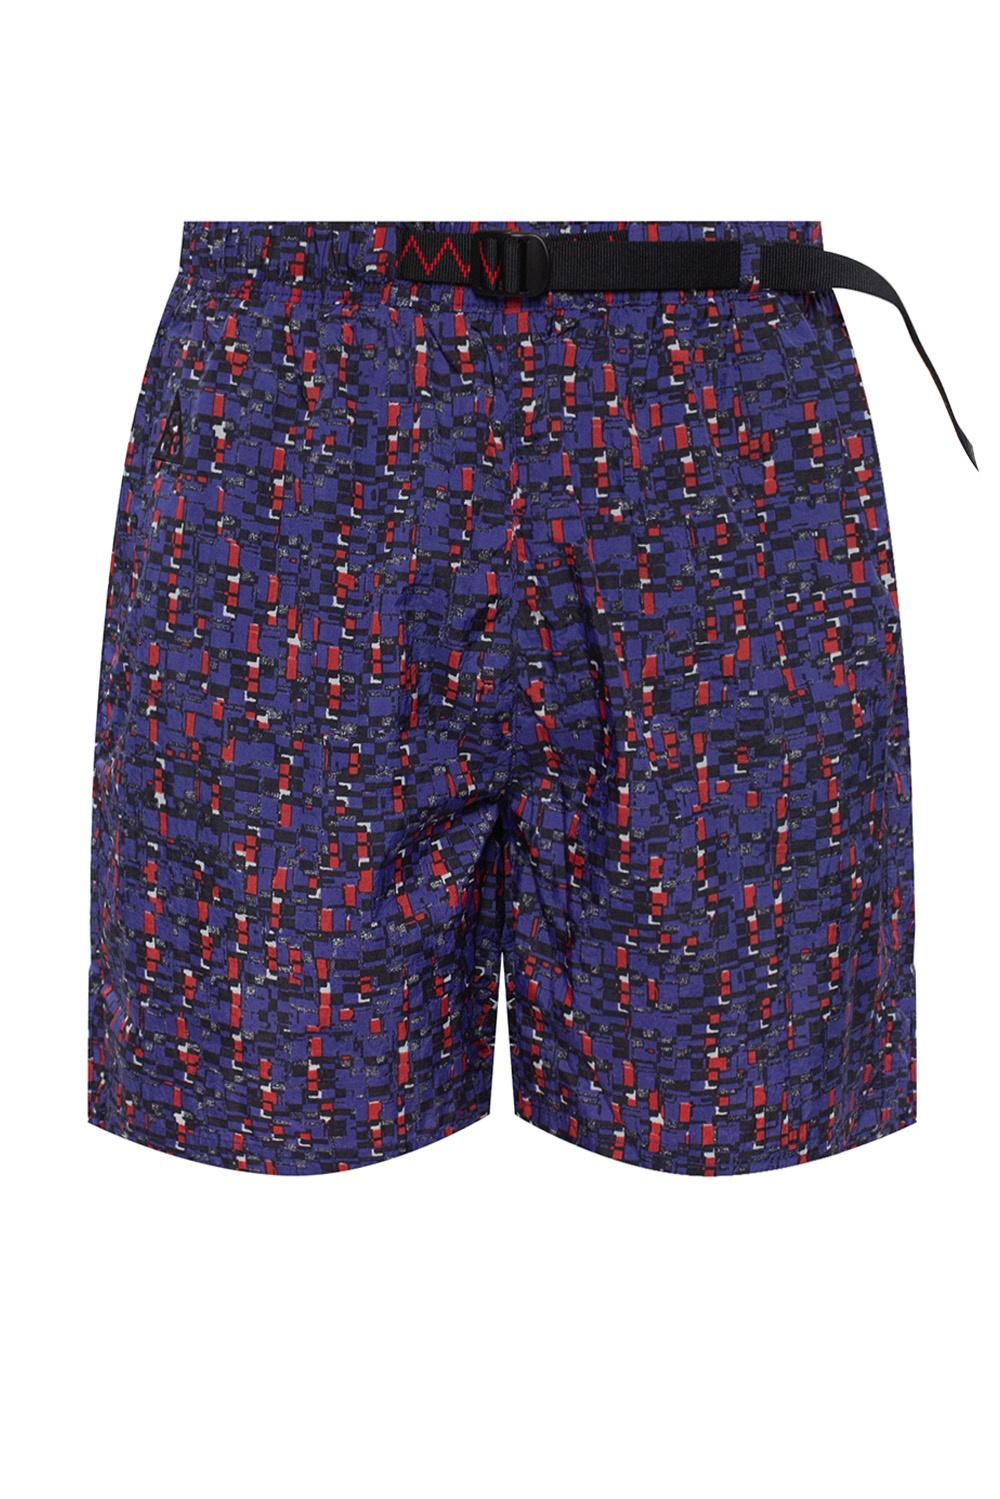 Nike 'ACG' patterned shorts